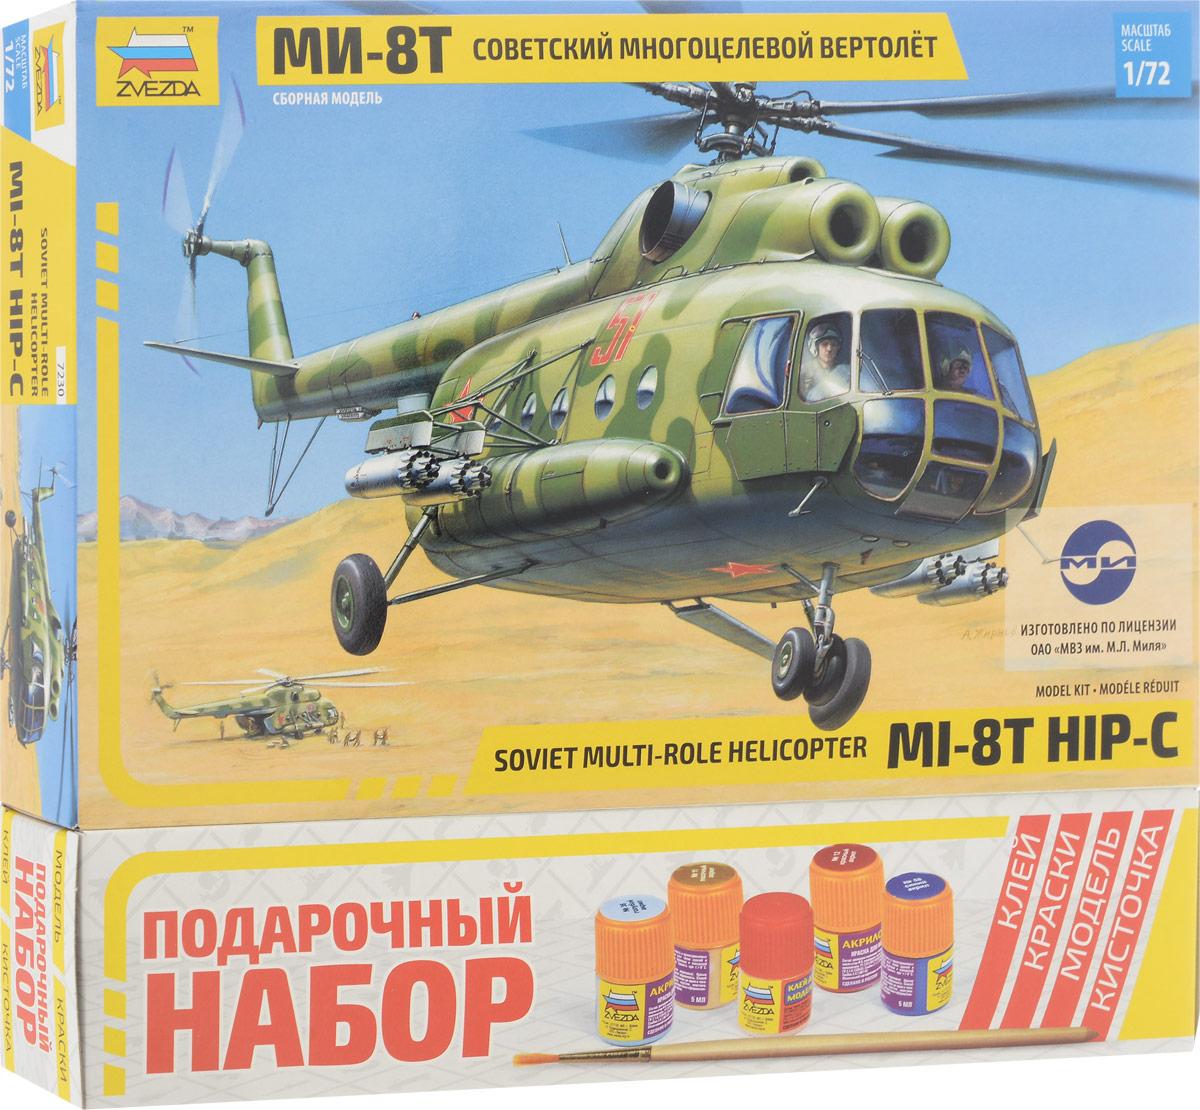 Звезда Набор для сборки и раскрашивания Советский многоцелевой вертолет Ми-8Т